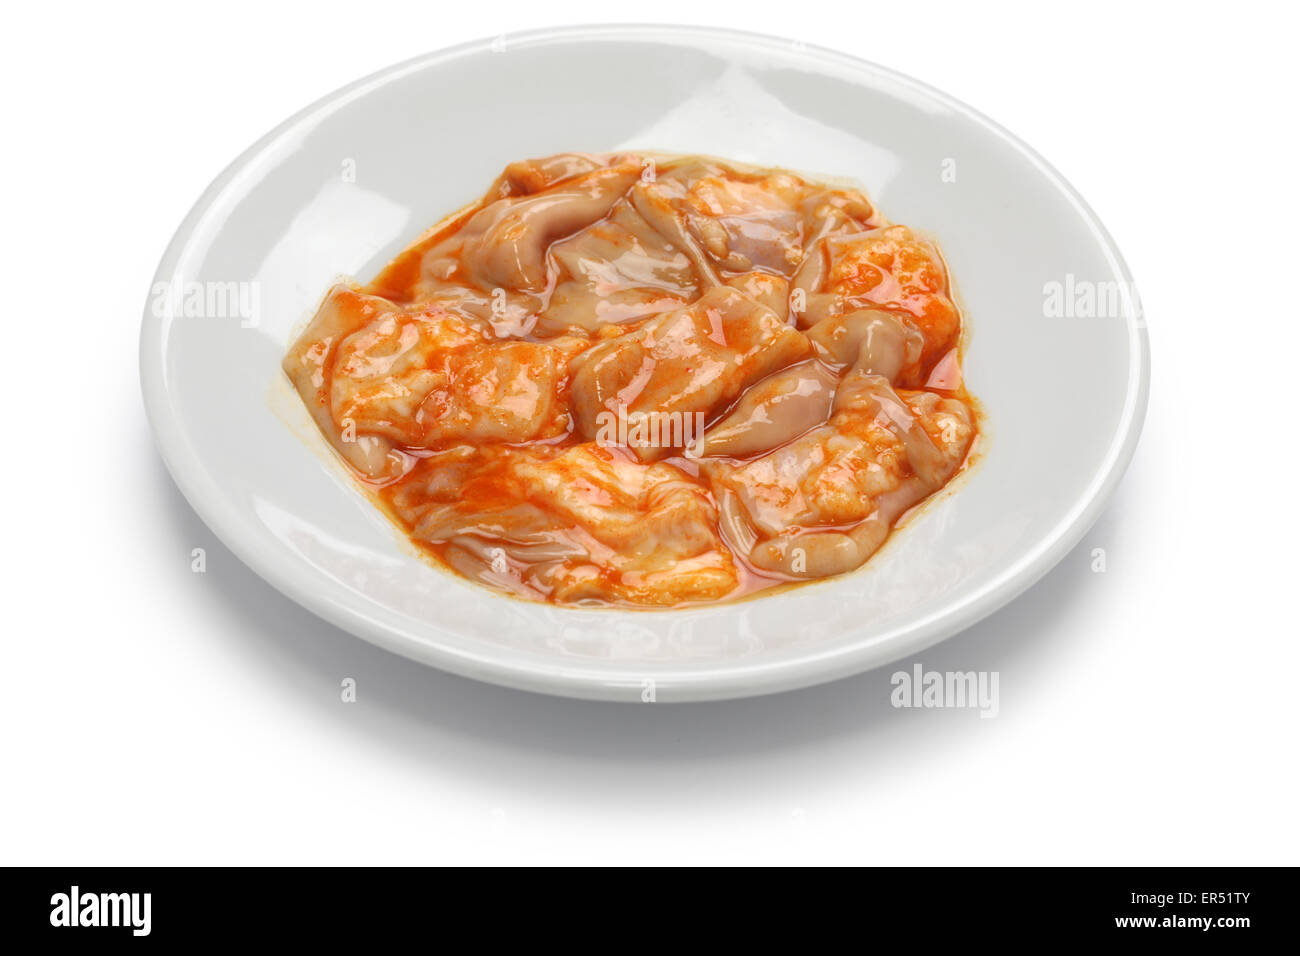 abomasum, rennet bag, reed tripe, korean barbecue ingredient - Stock Image